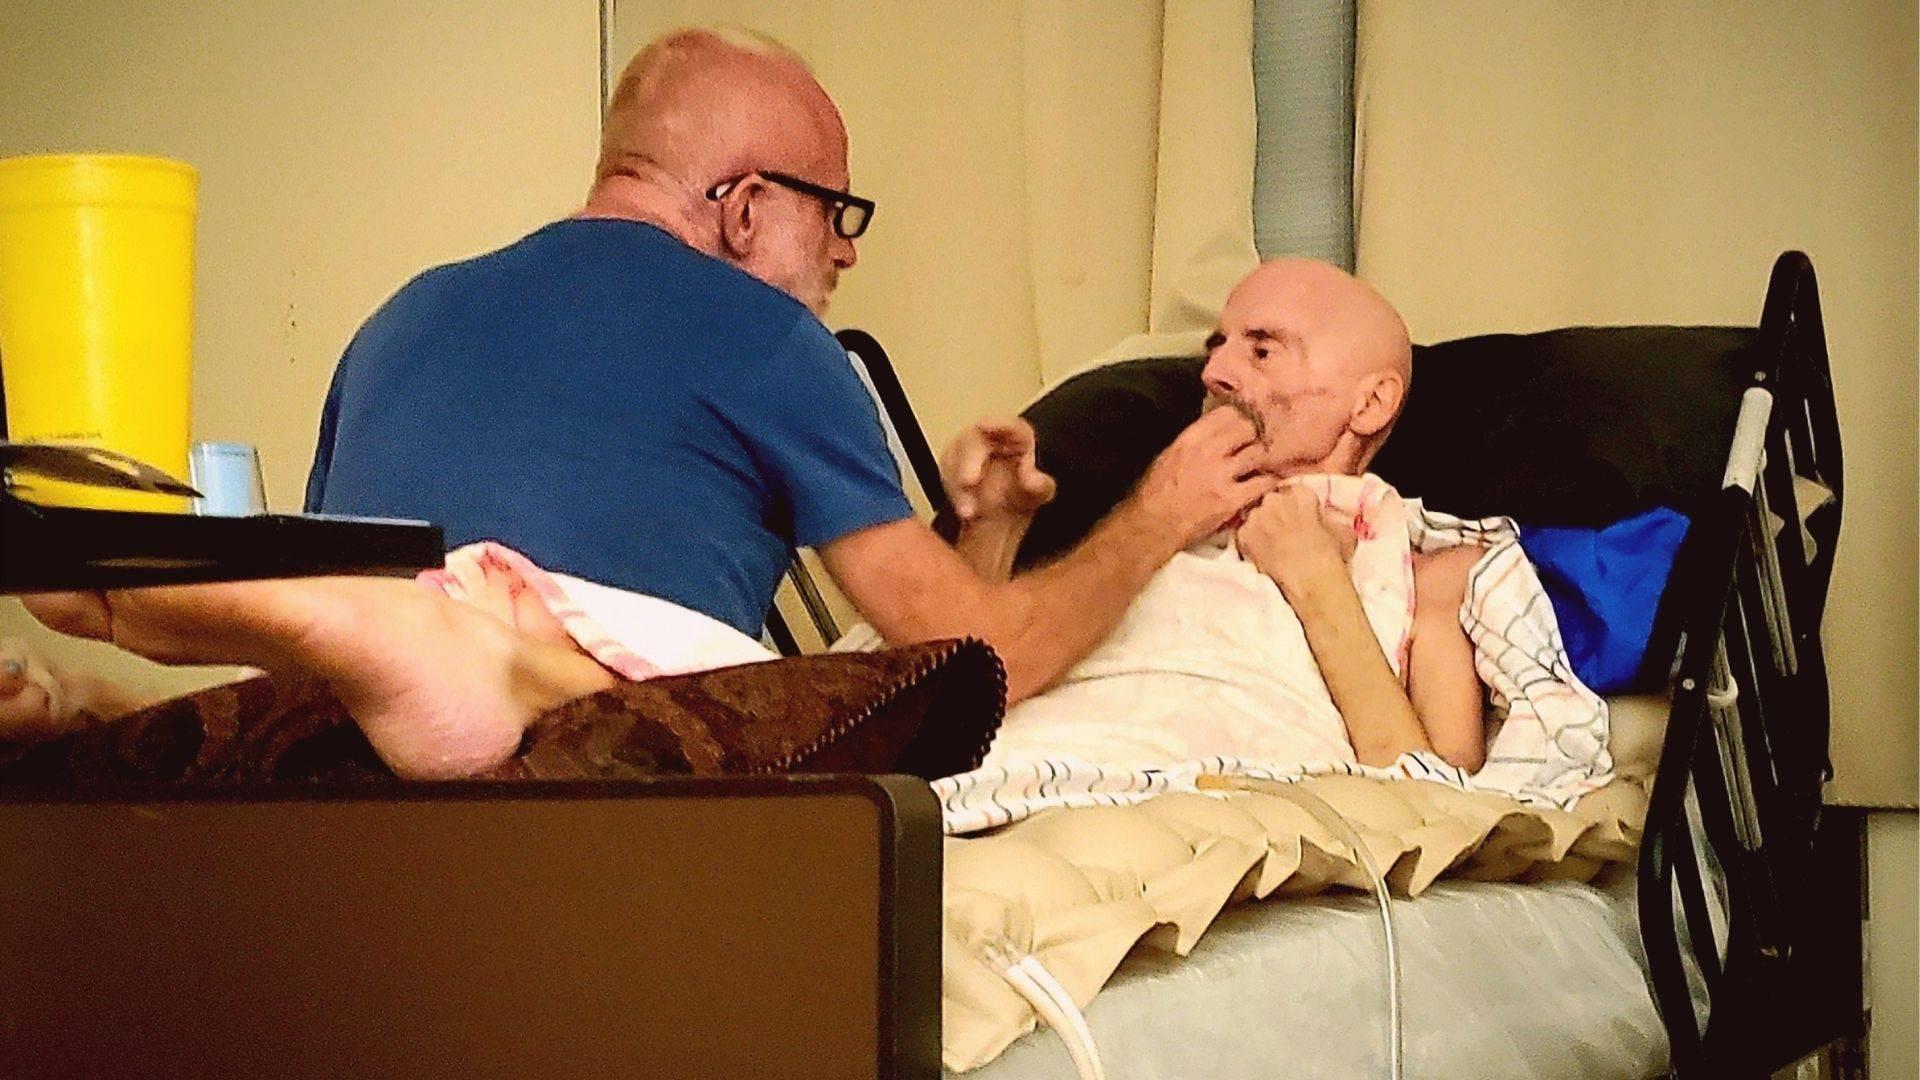 """Timothy, o """"paciente de Berlim"""", enfrenta uma leucemia avançada e está recebendo tratamentos paliativos em um hospice nos Estados Unidos. Foto:  Michael Louella / AFP."""